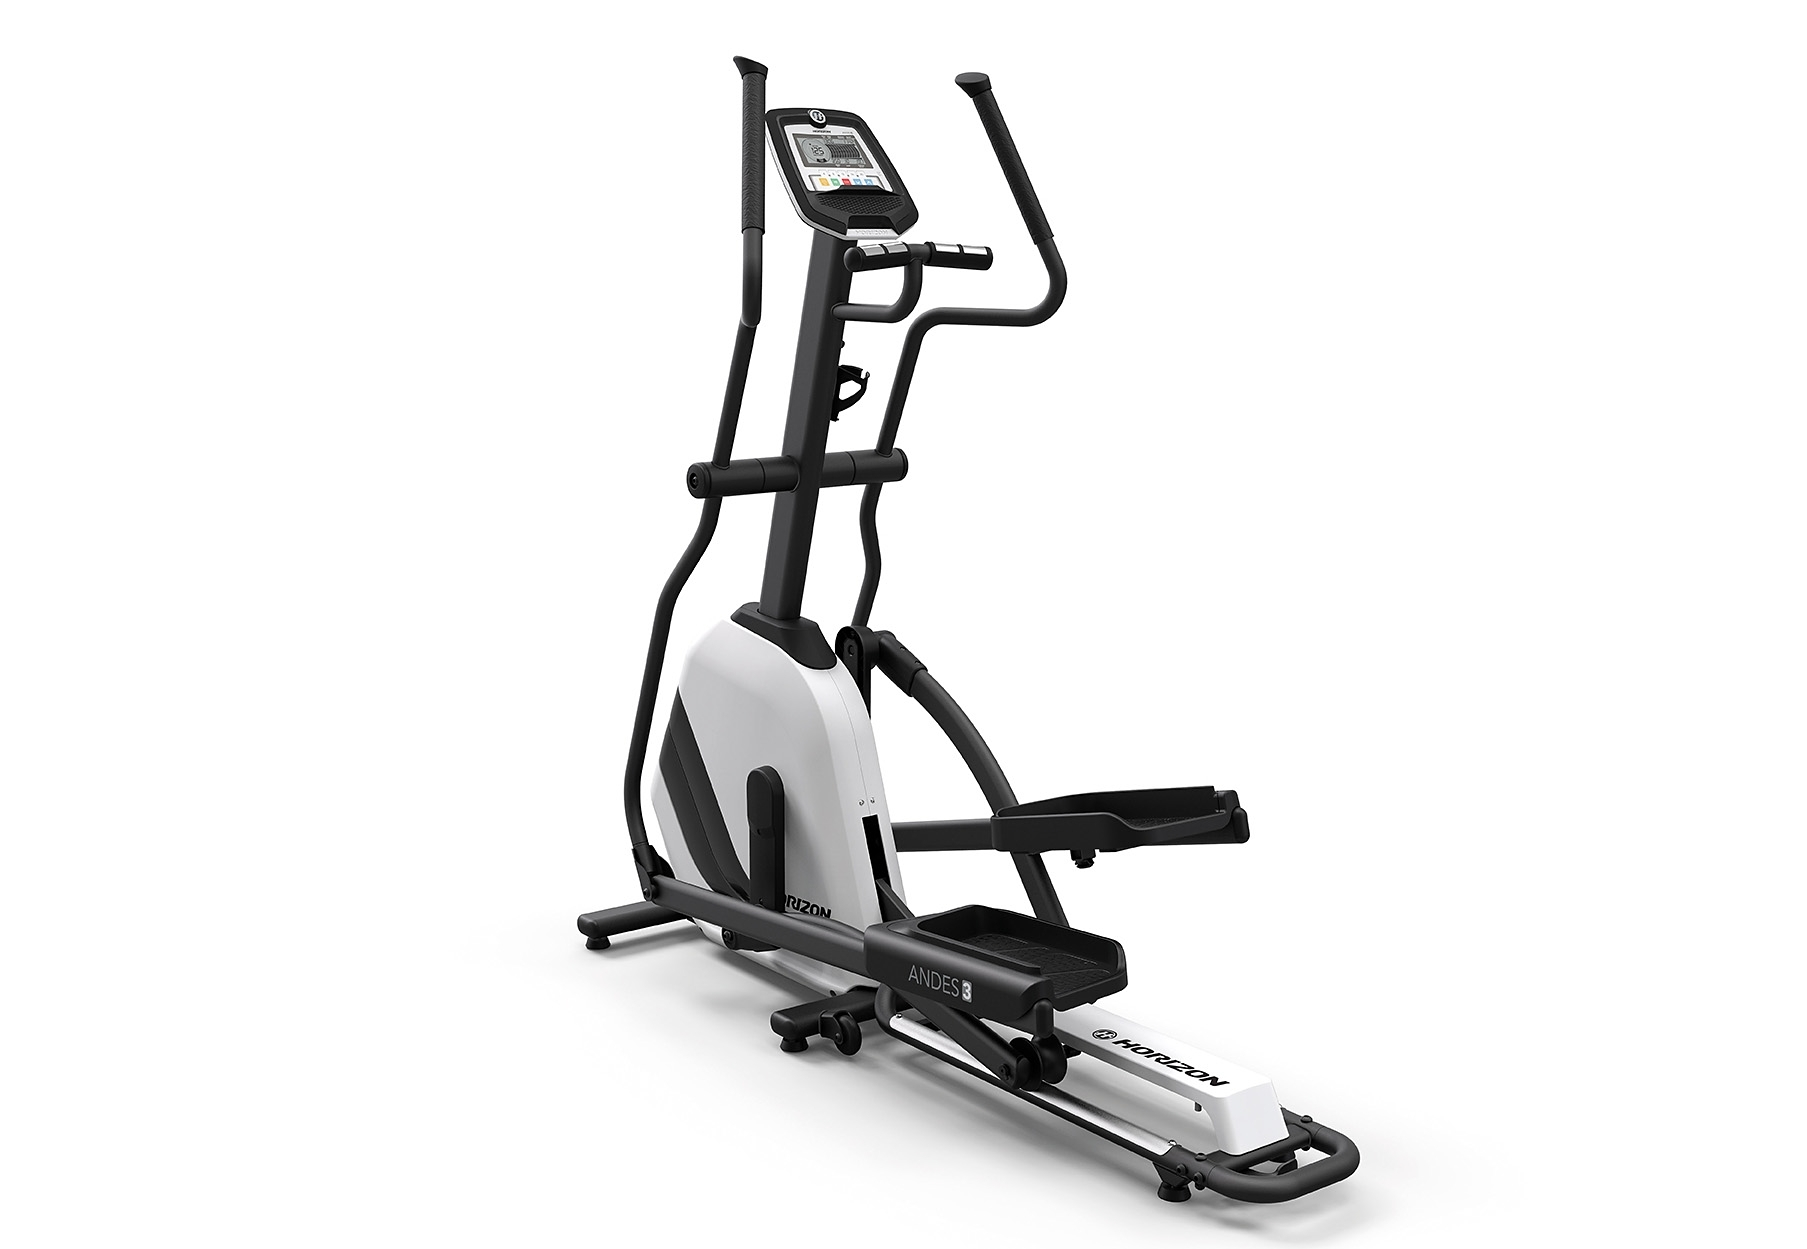 Horizon Fitness ellipstrainer, »Andes 3« voordelig en veilig online kopen